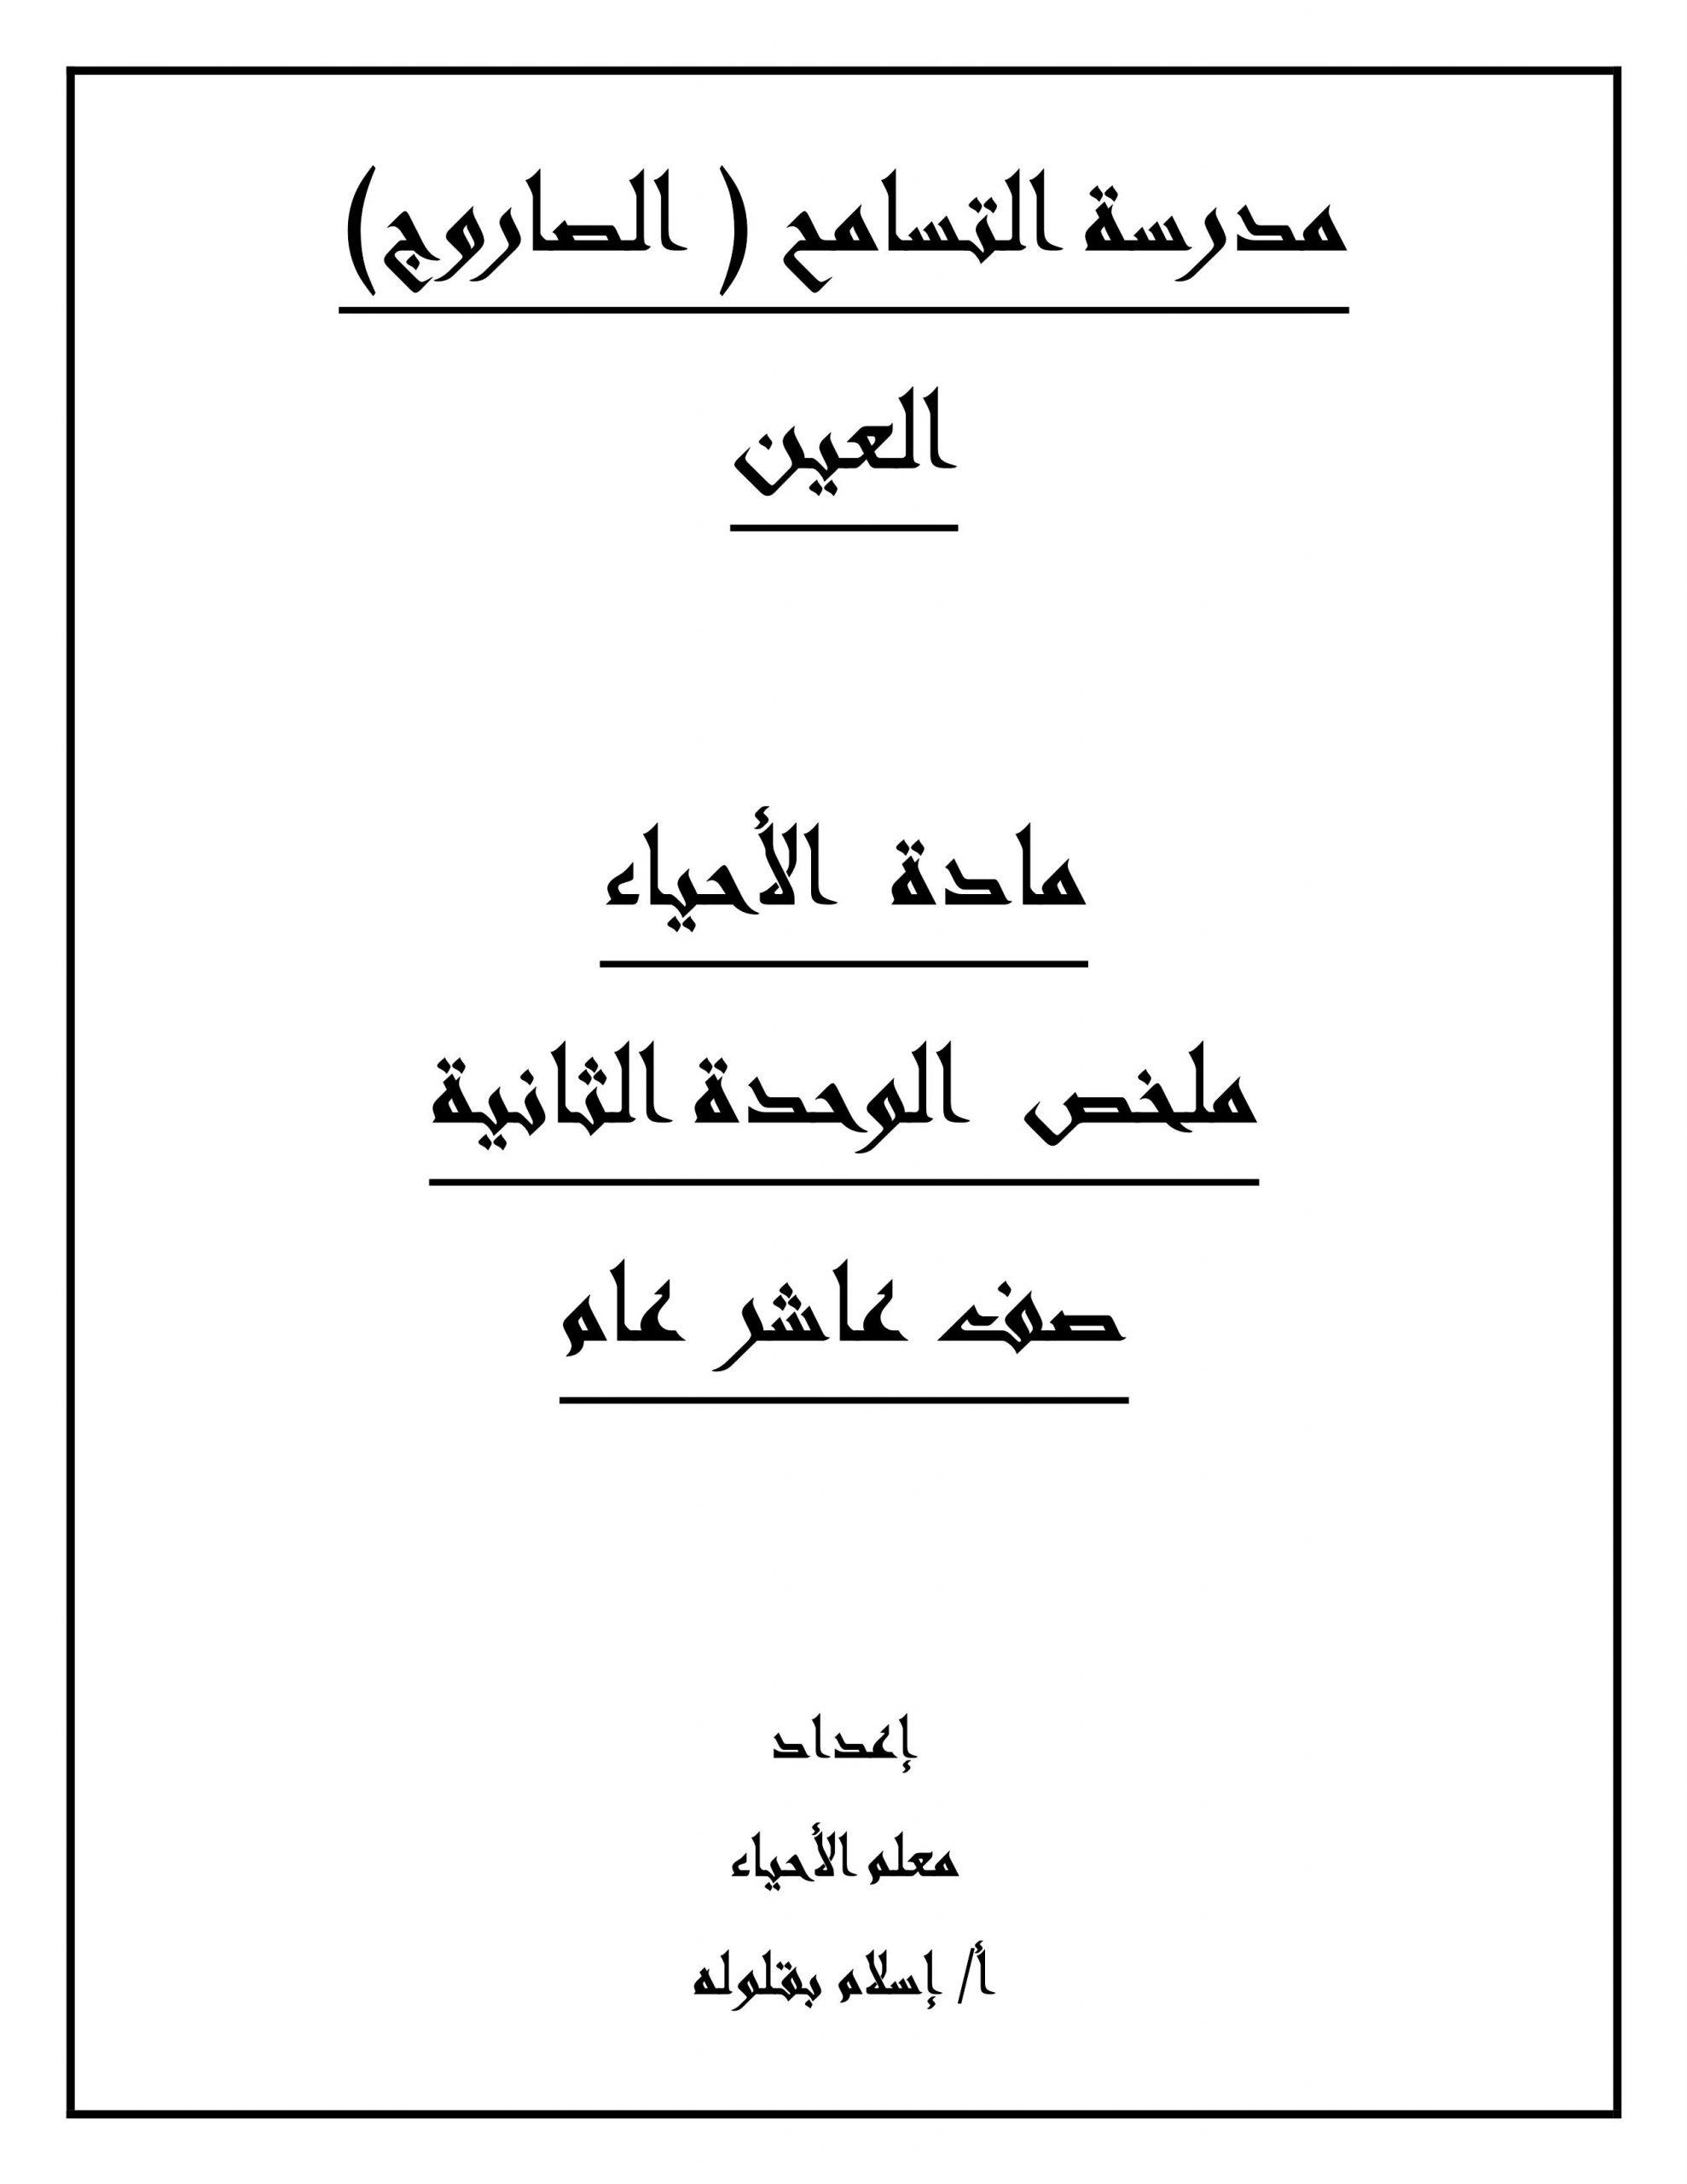 ملخص الوحدة الثانية شامل الصف العاشر عام مادة الاحياء